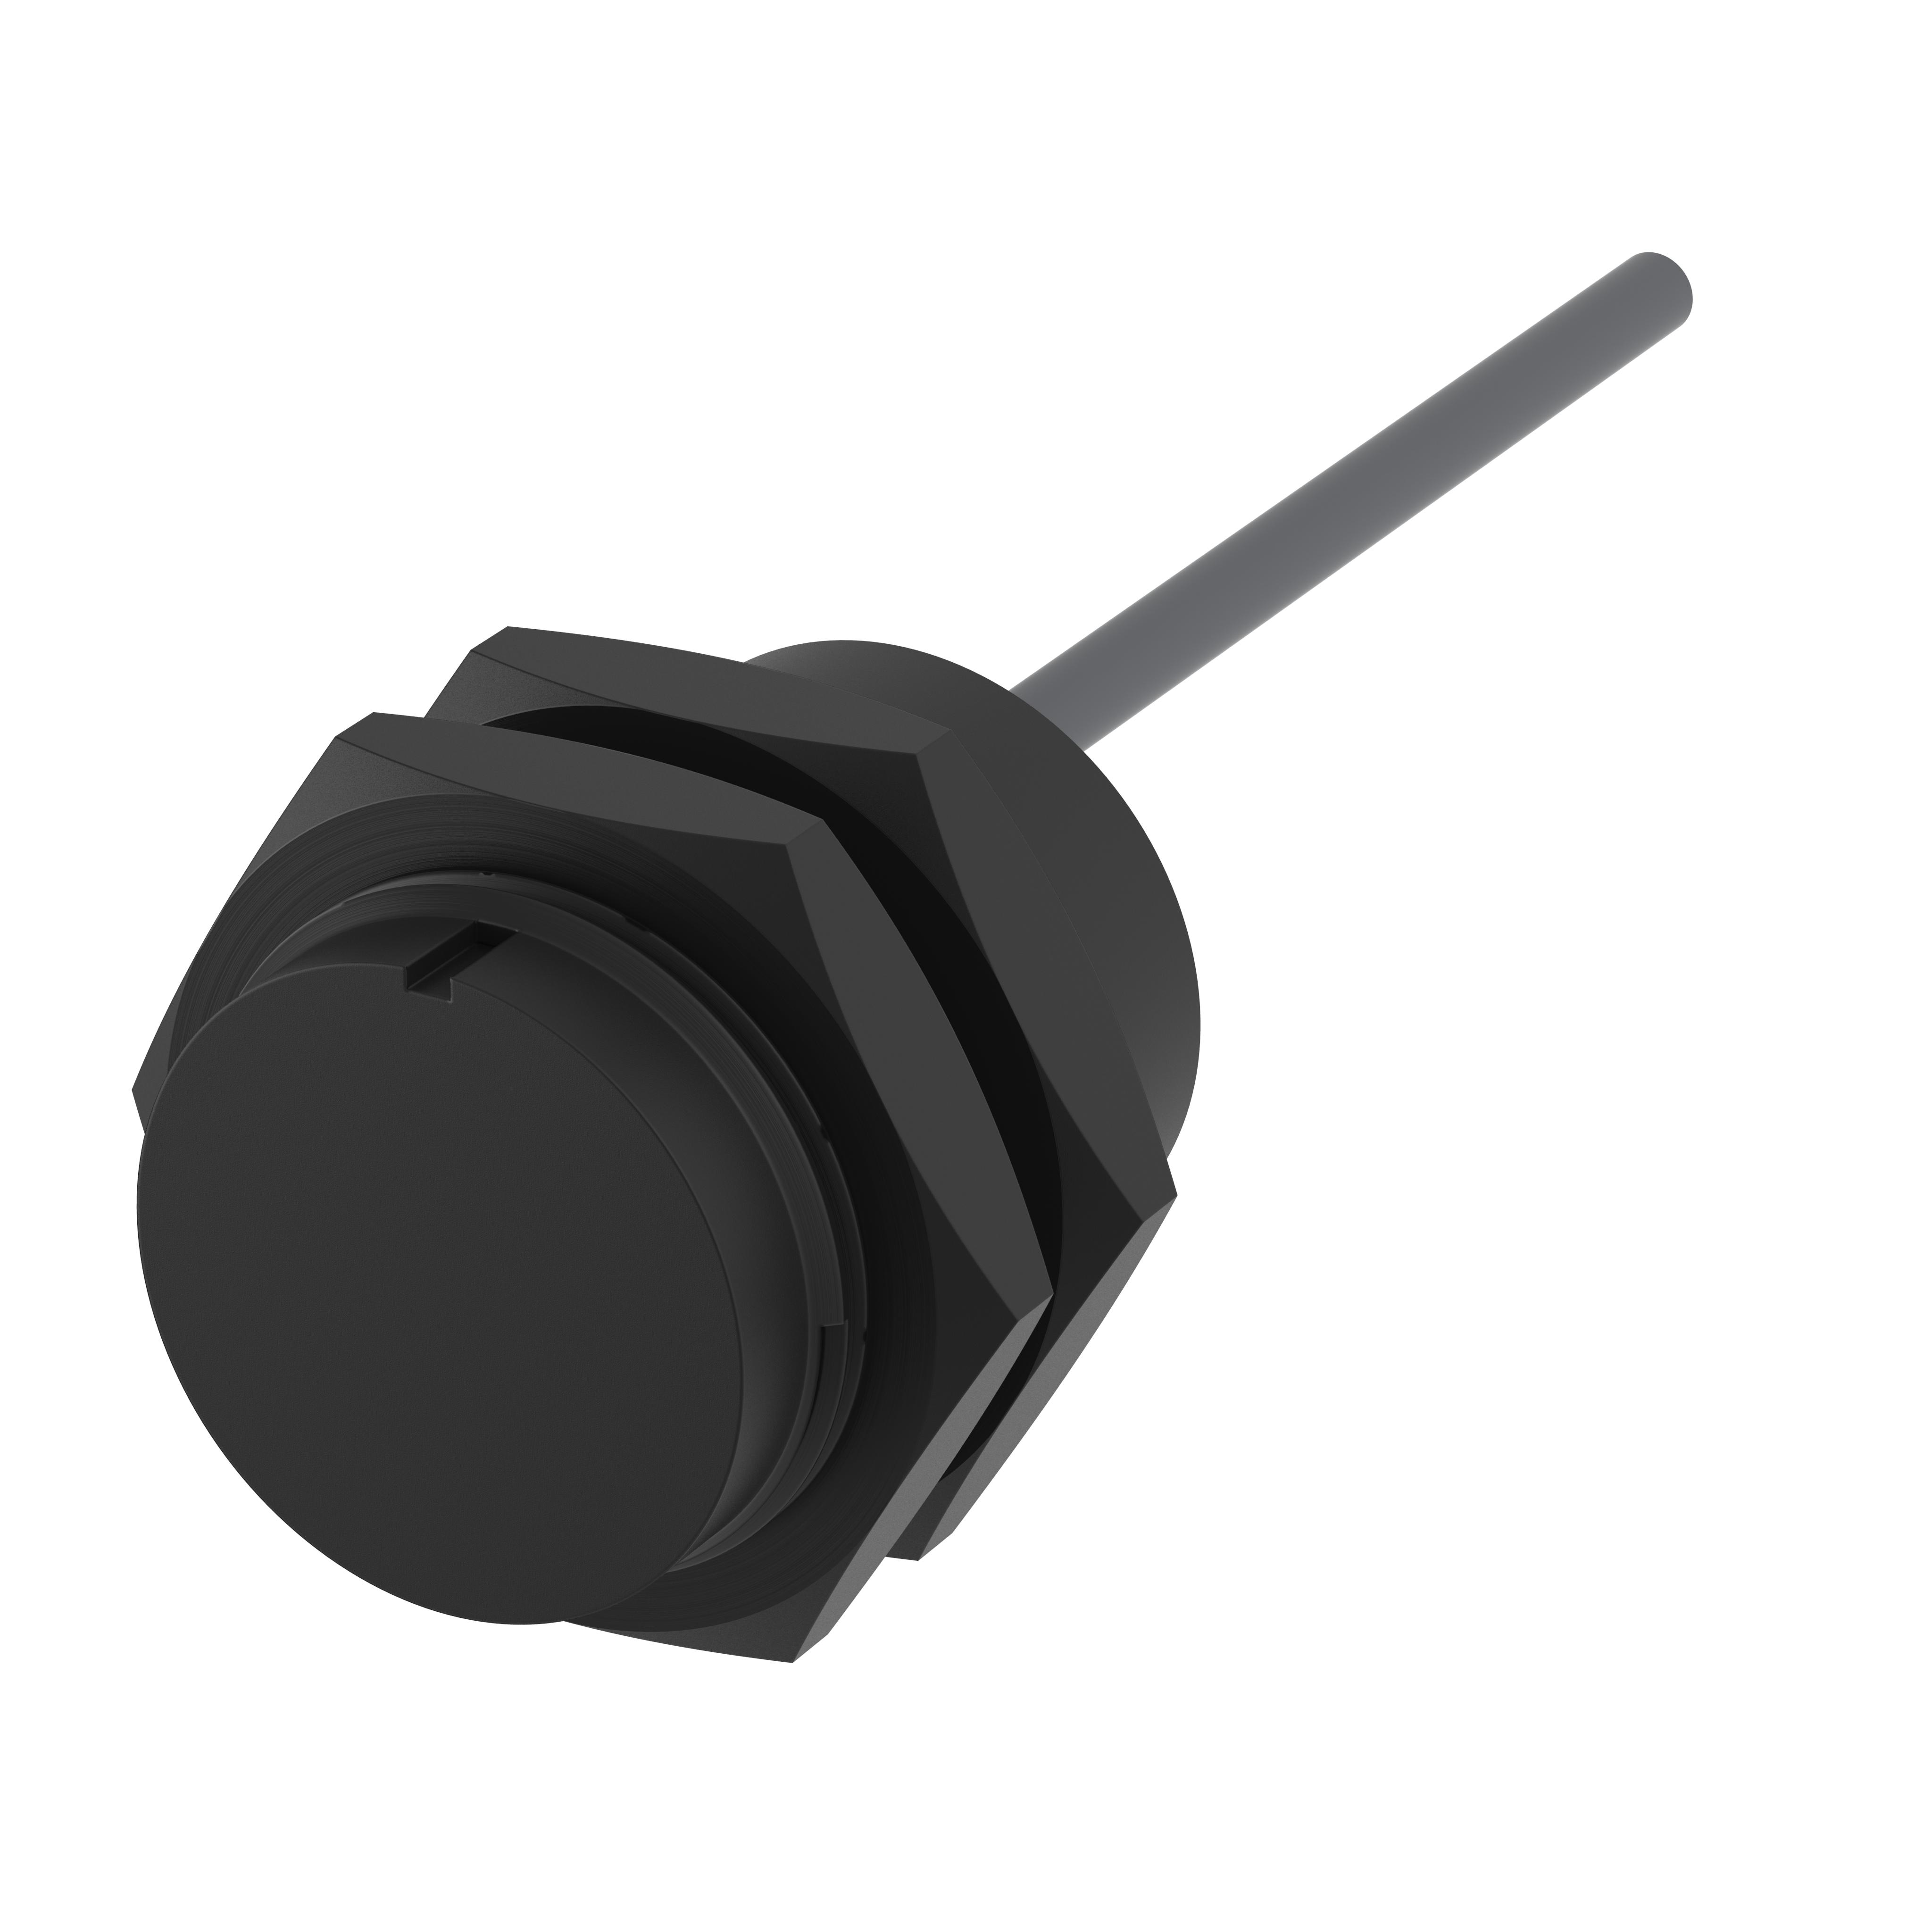 Sicherheitssensor - 17127113 - magnetisch betätigt - Schließer/Öffner, 1m Kabel